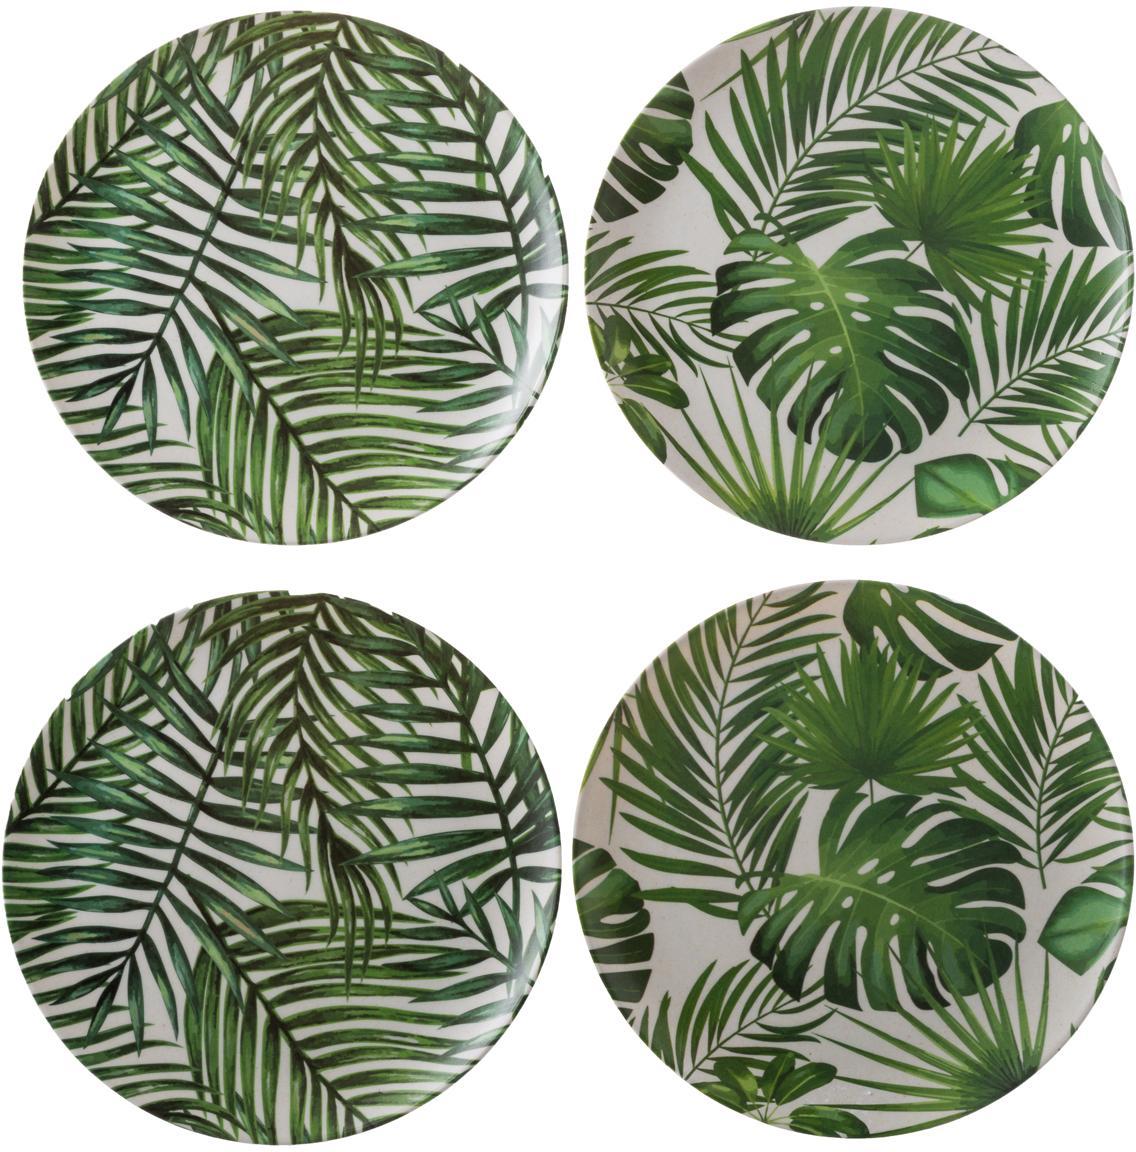 Set de platos de postre de bambú Tropical, 4pzas., 55%fibras de bambú, 25%almidón de maíz, 15%mela mina, Verde, blanco, Ø 20 cm